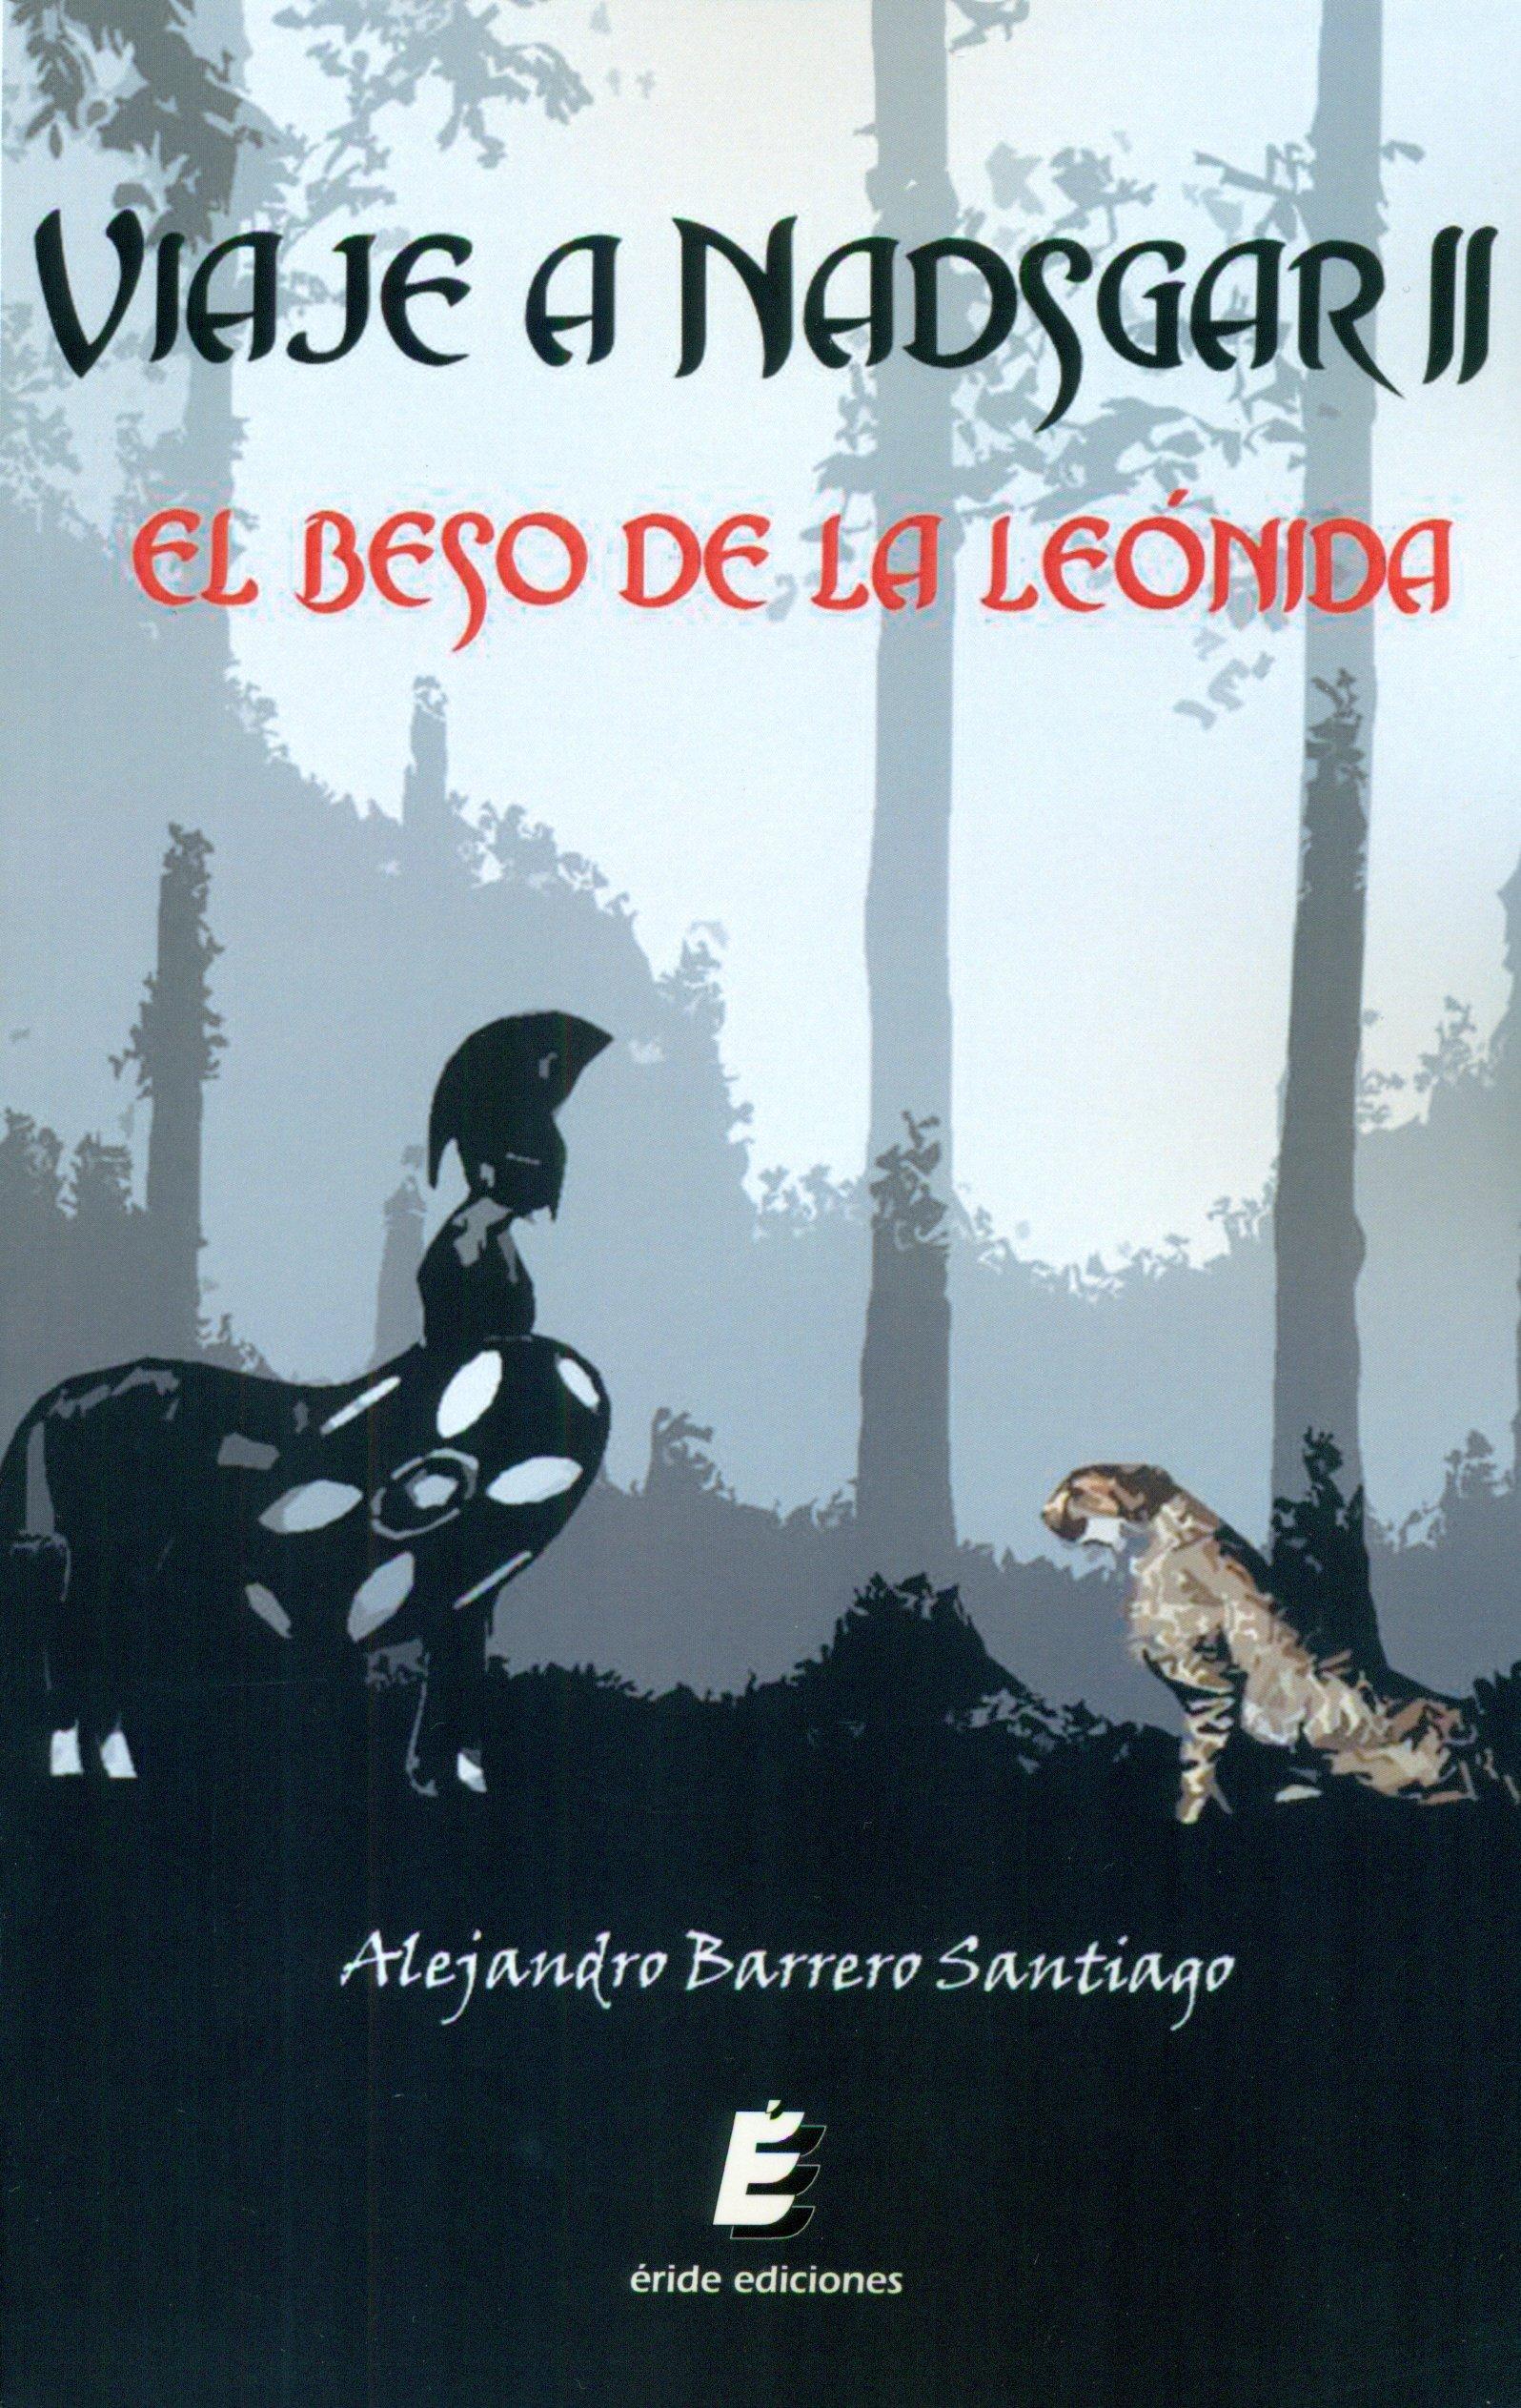 Viaje a Nadsgar II: El beso de la Leónida: Amazon.es: Alejandro Barrero Santiago: Libros